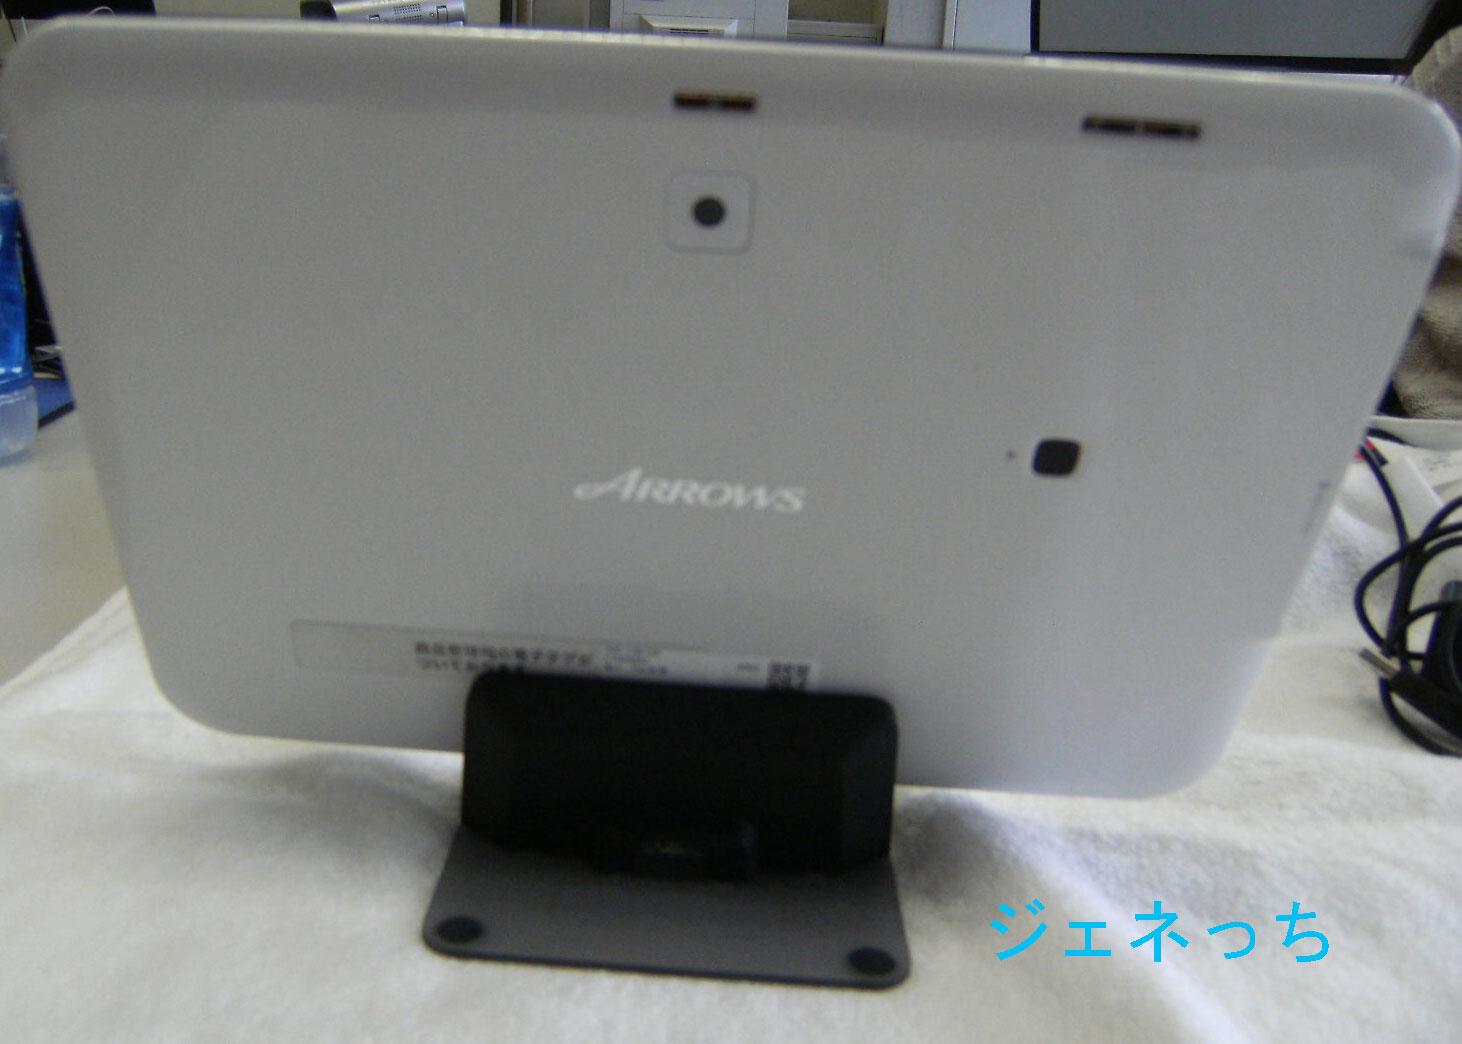 富士通タブレットARROWS